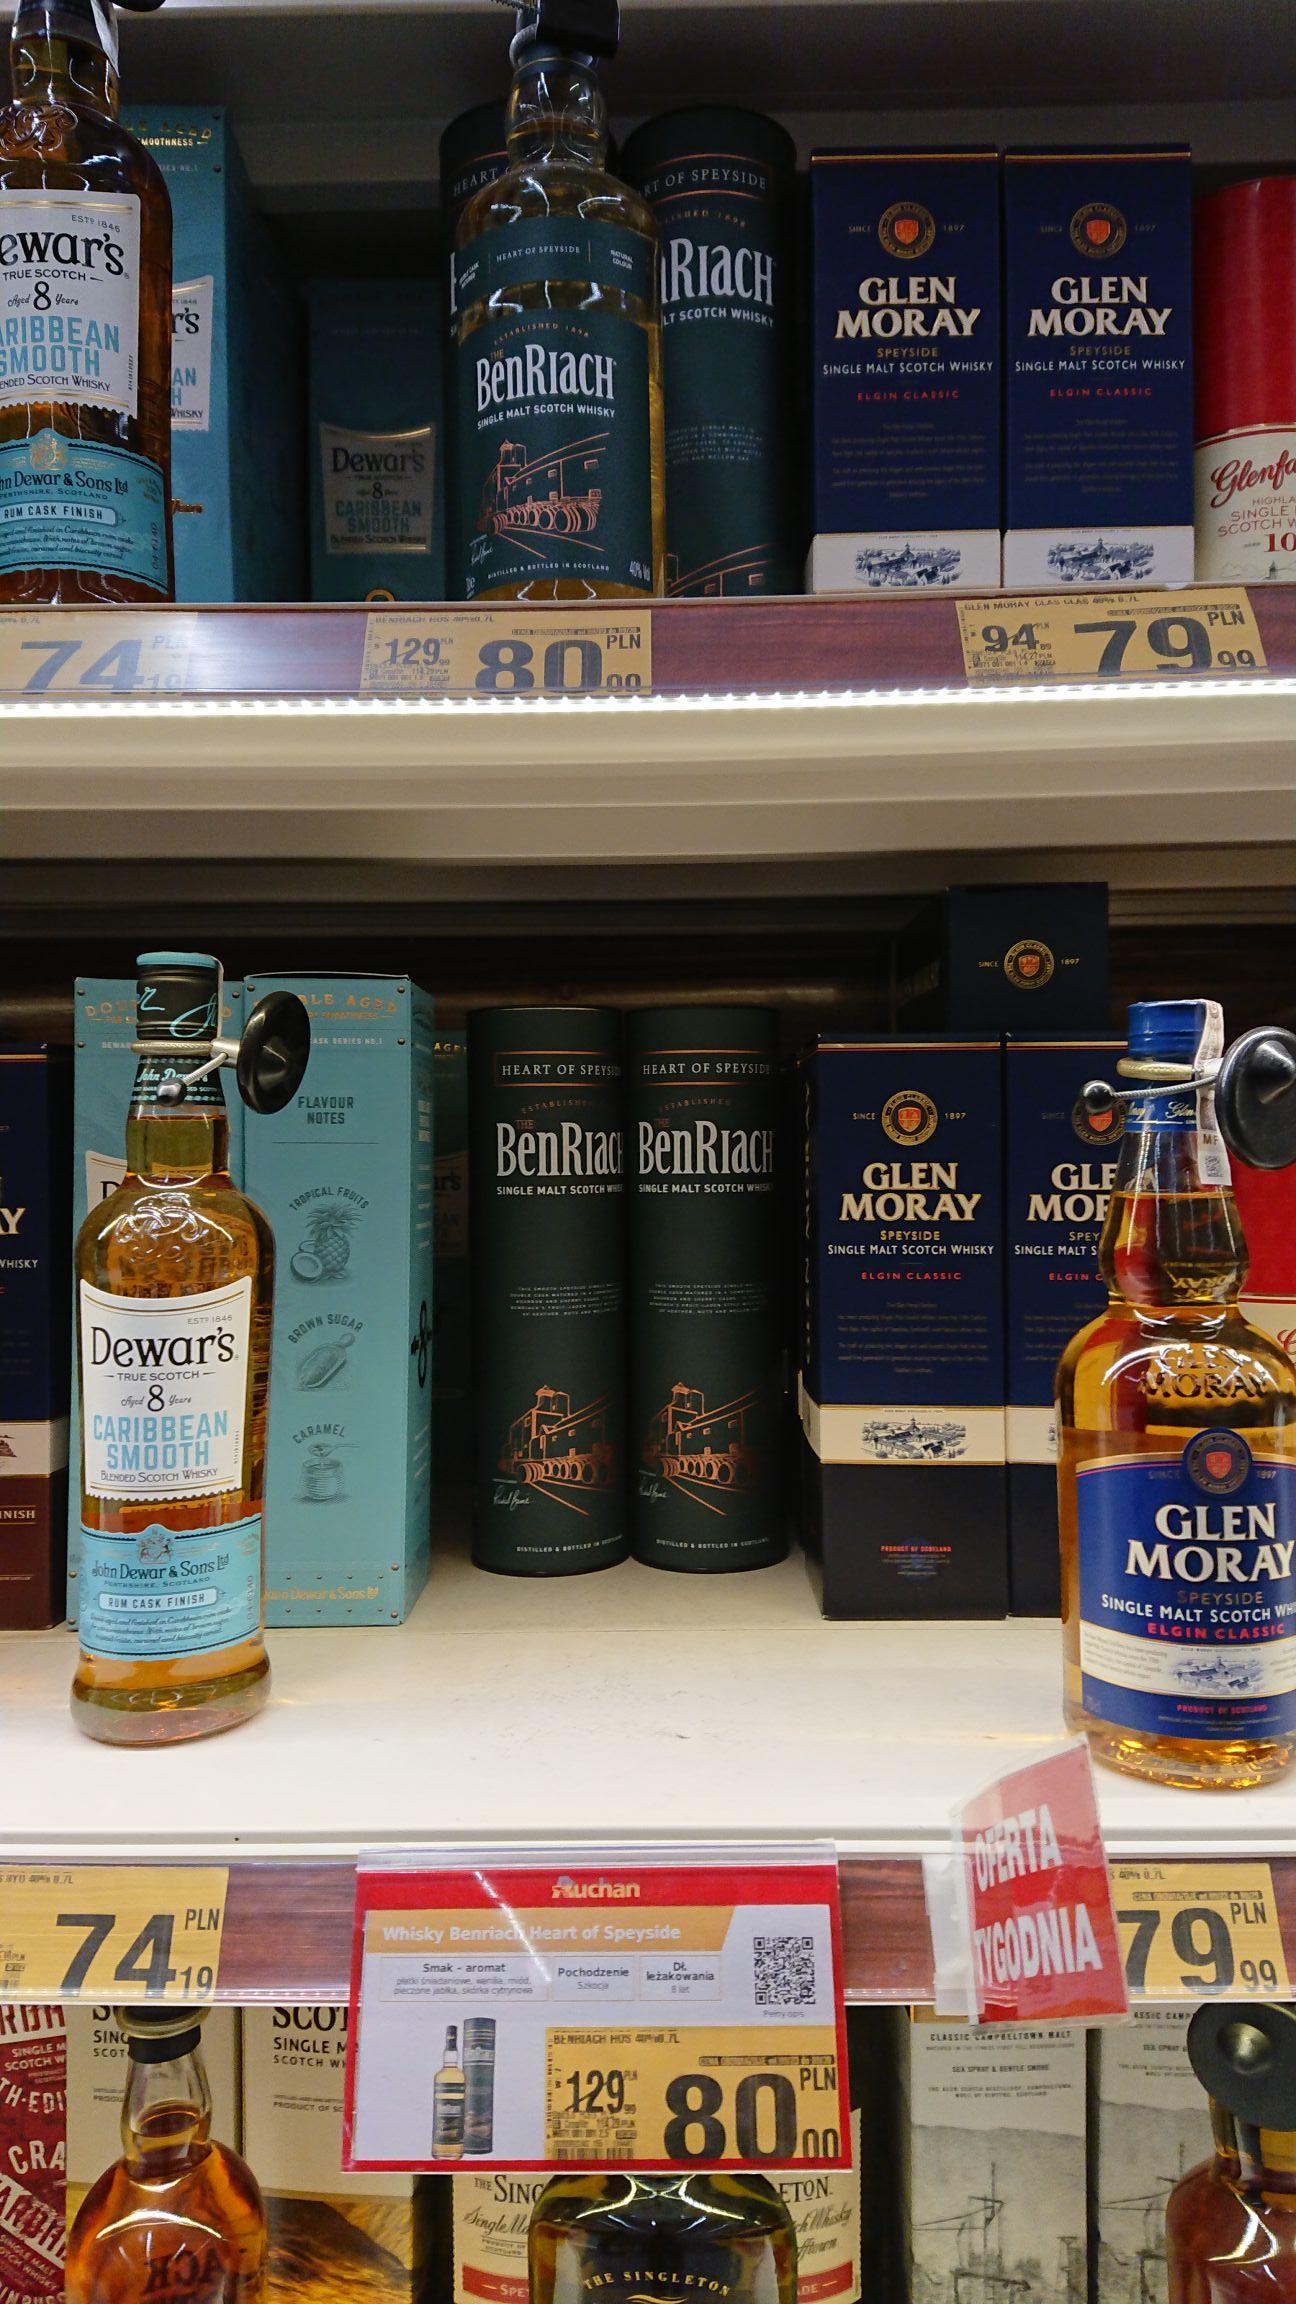 Whisky Benriach - heart of Speyside 0,7L i inne - Oferta zbiorcza - Auchan Sosnowiec